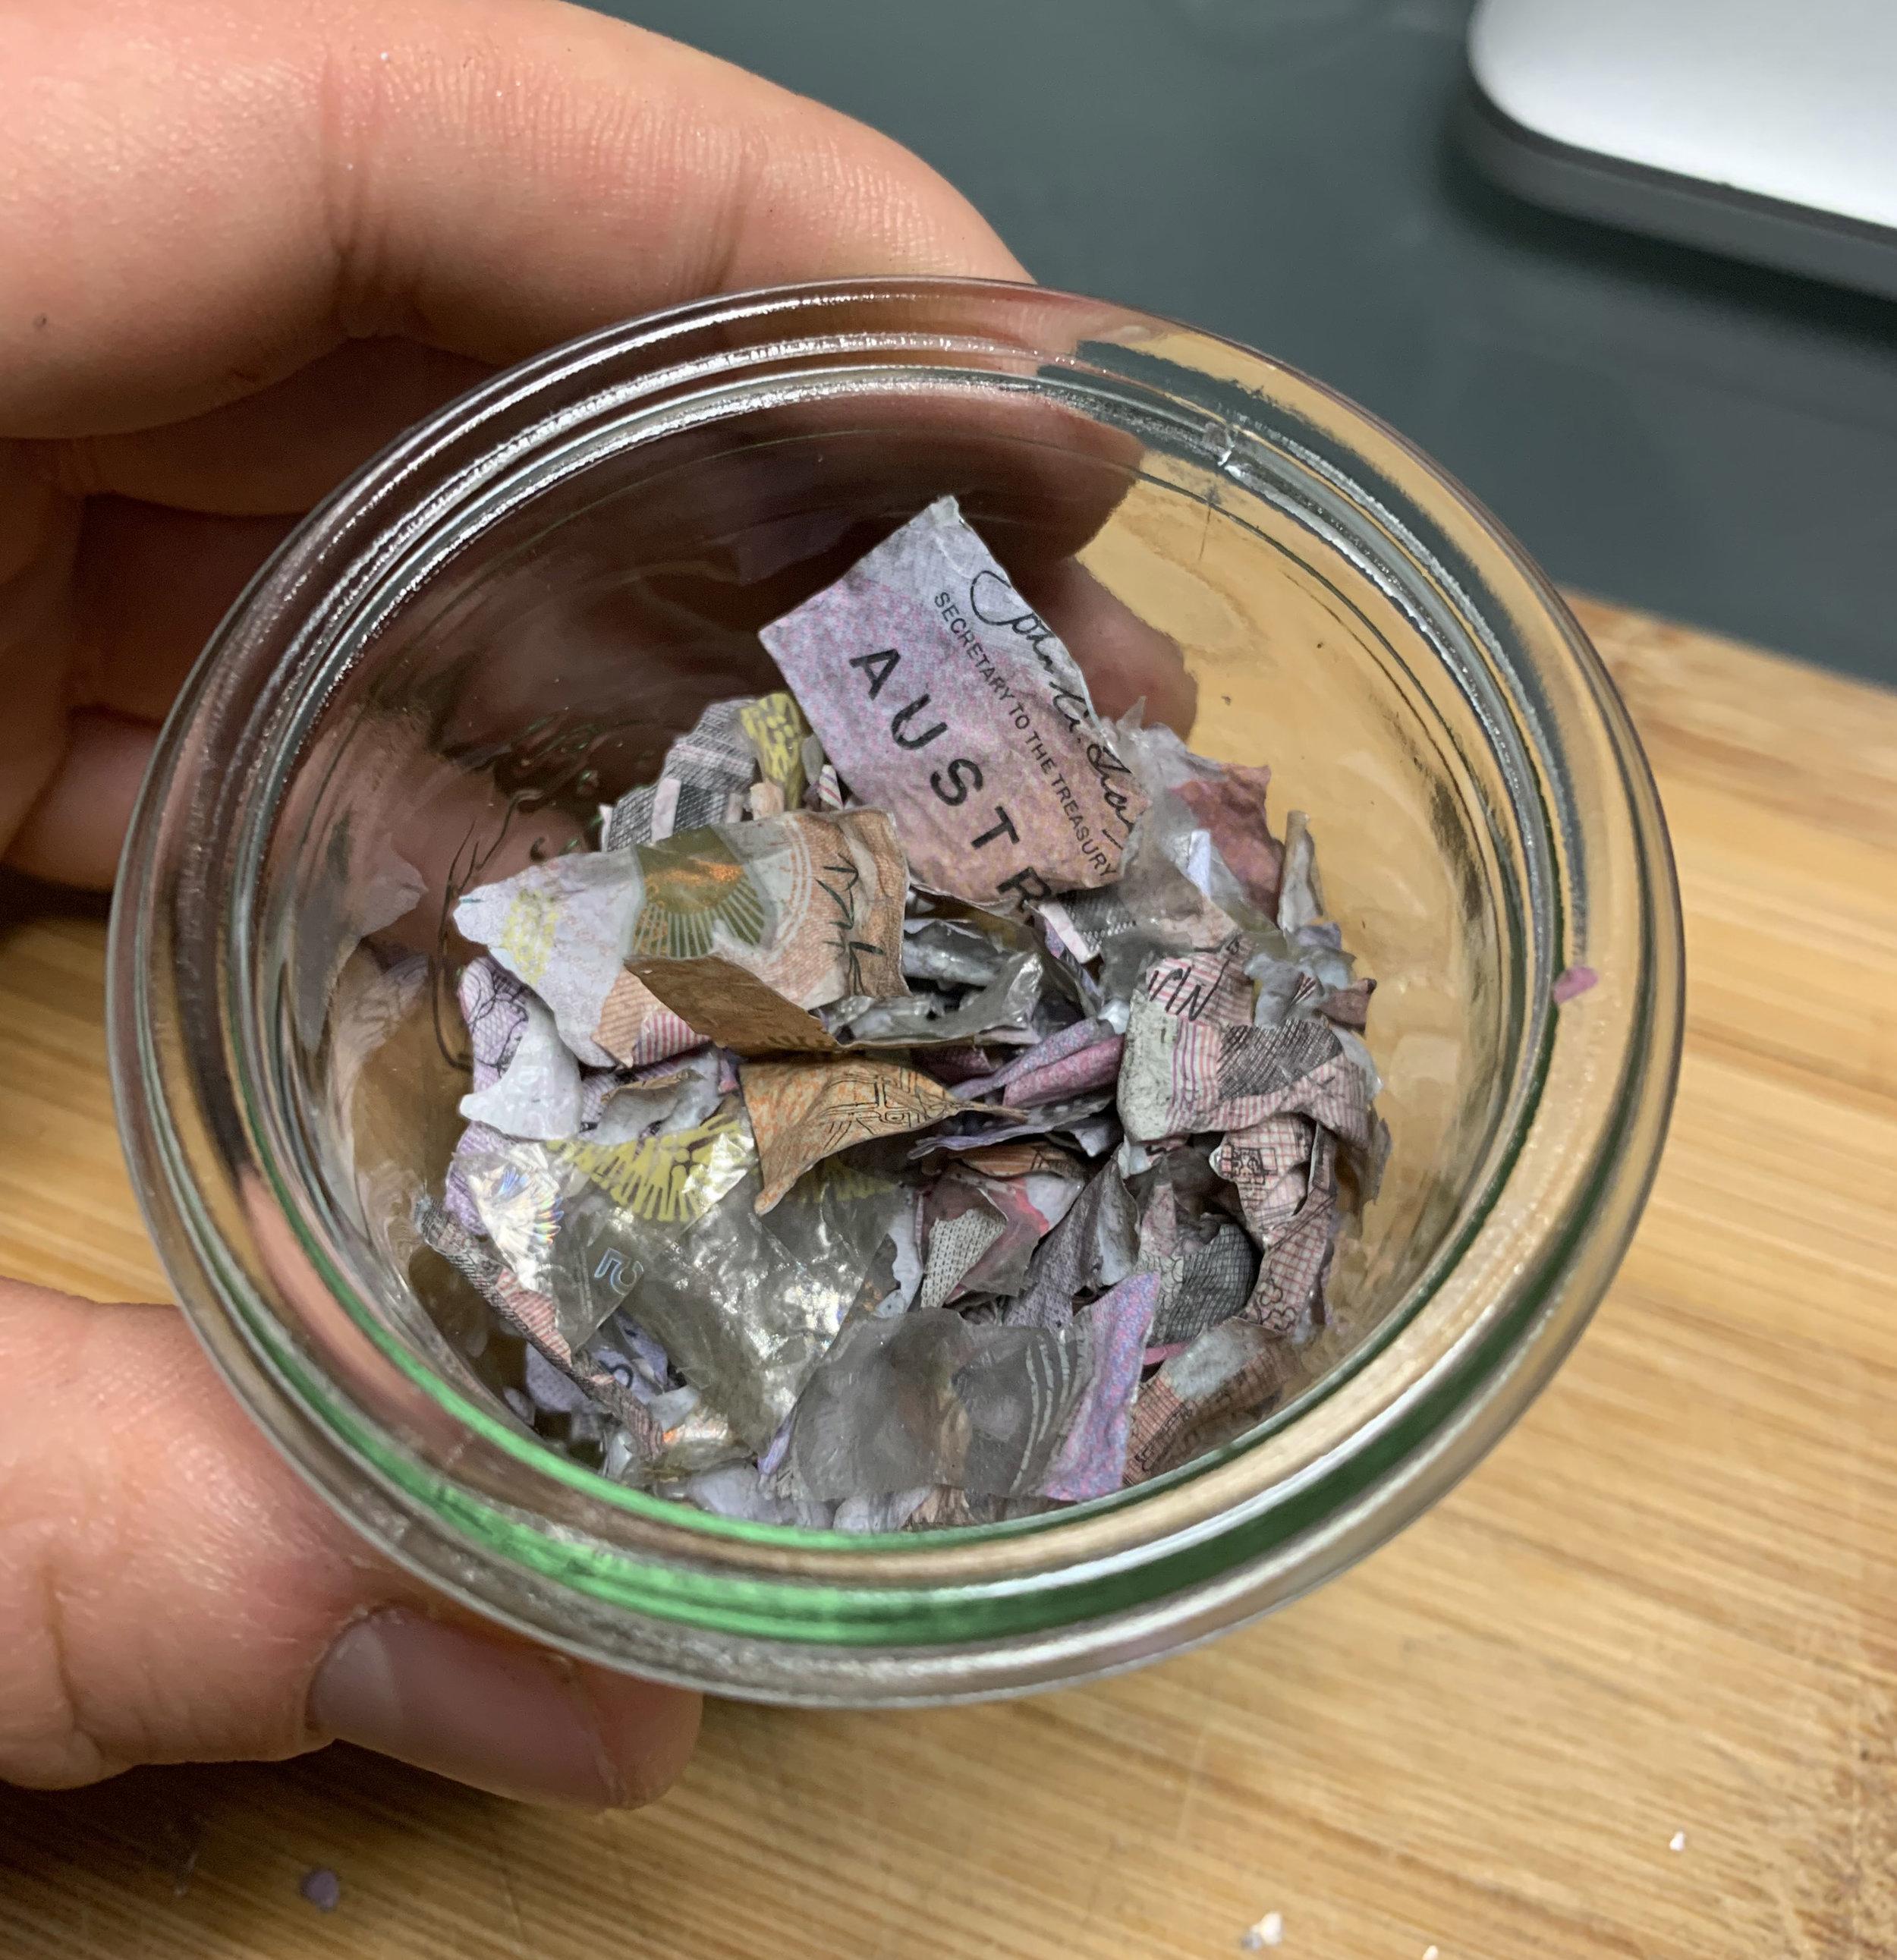 Moneypaper_shreds.jpg